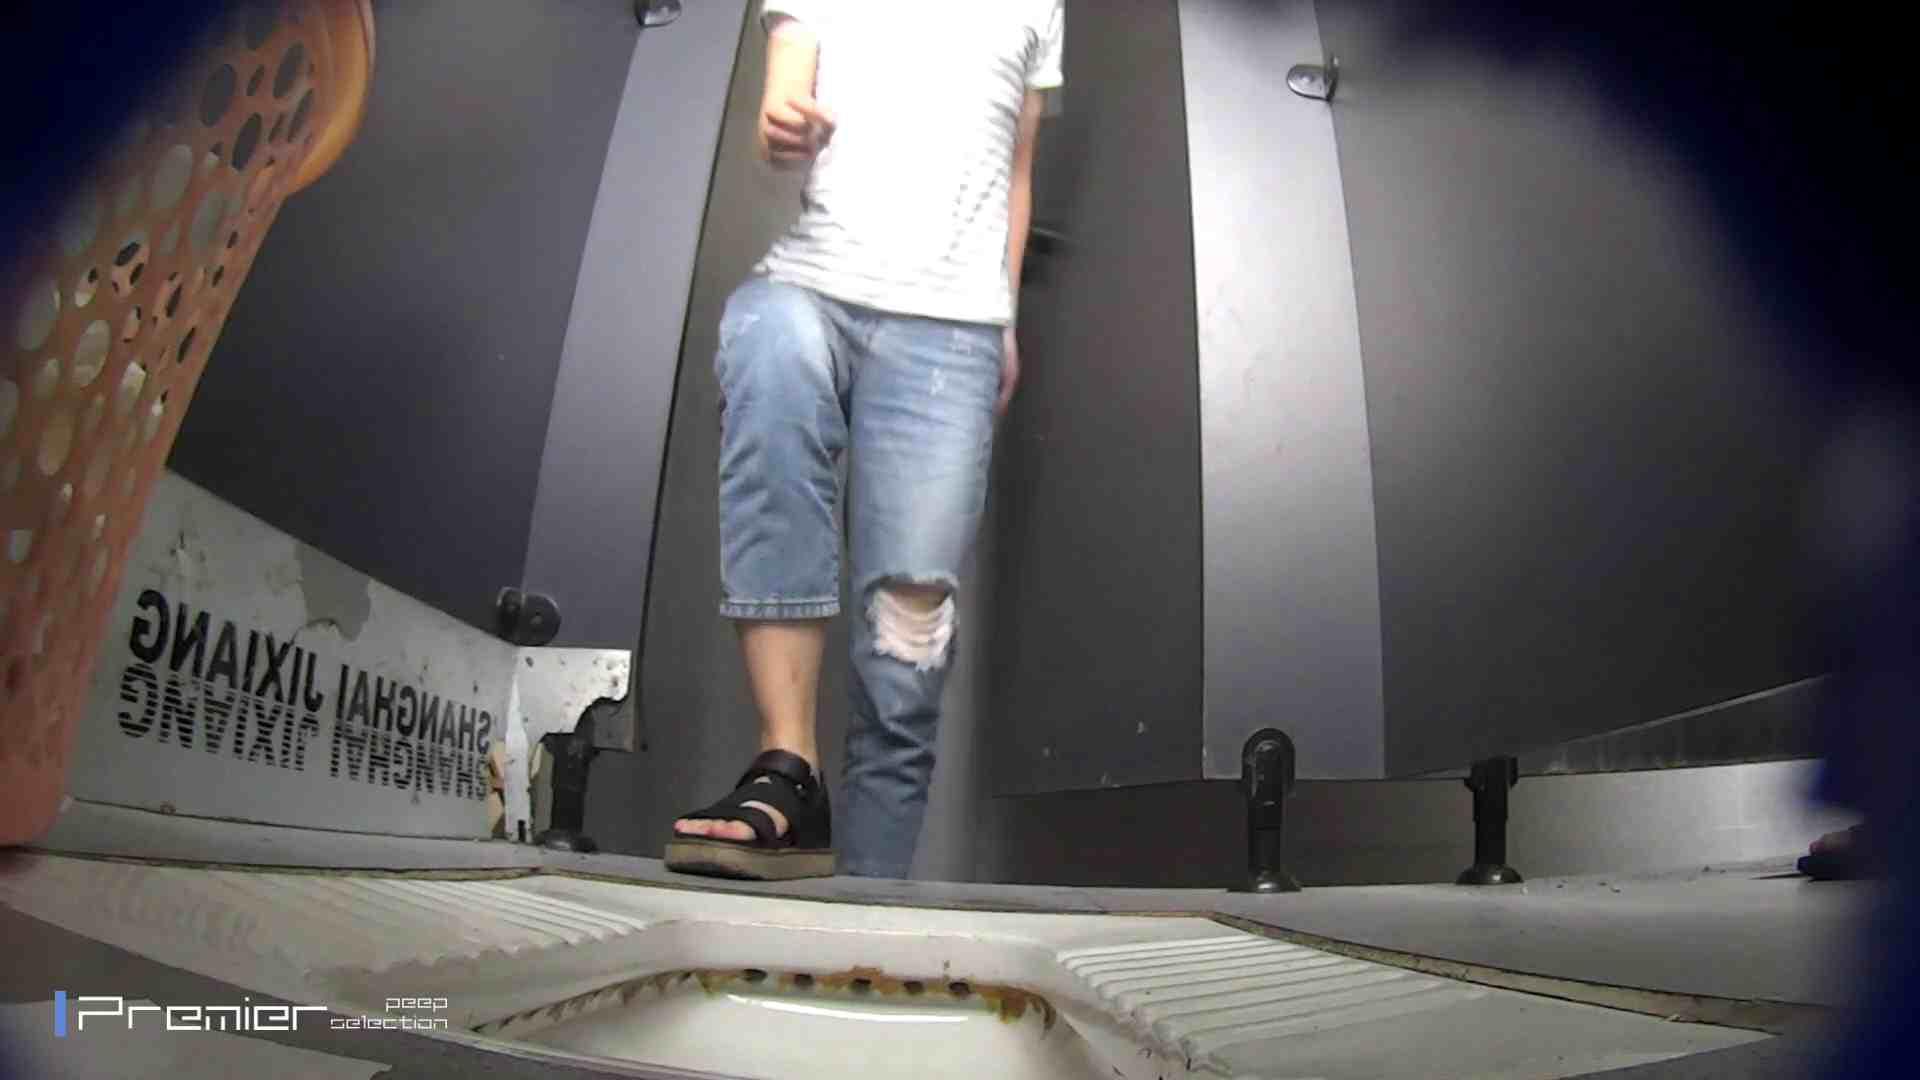 若さ溢れるギャル達のnyo  大学休憩時間の洗面所事情46 細身女性  83画像 66